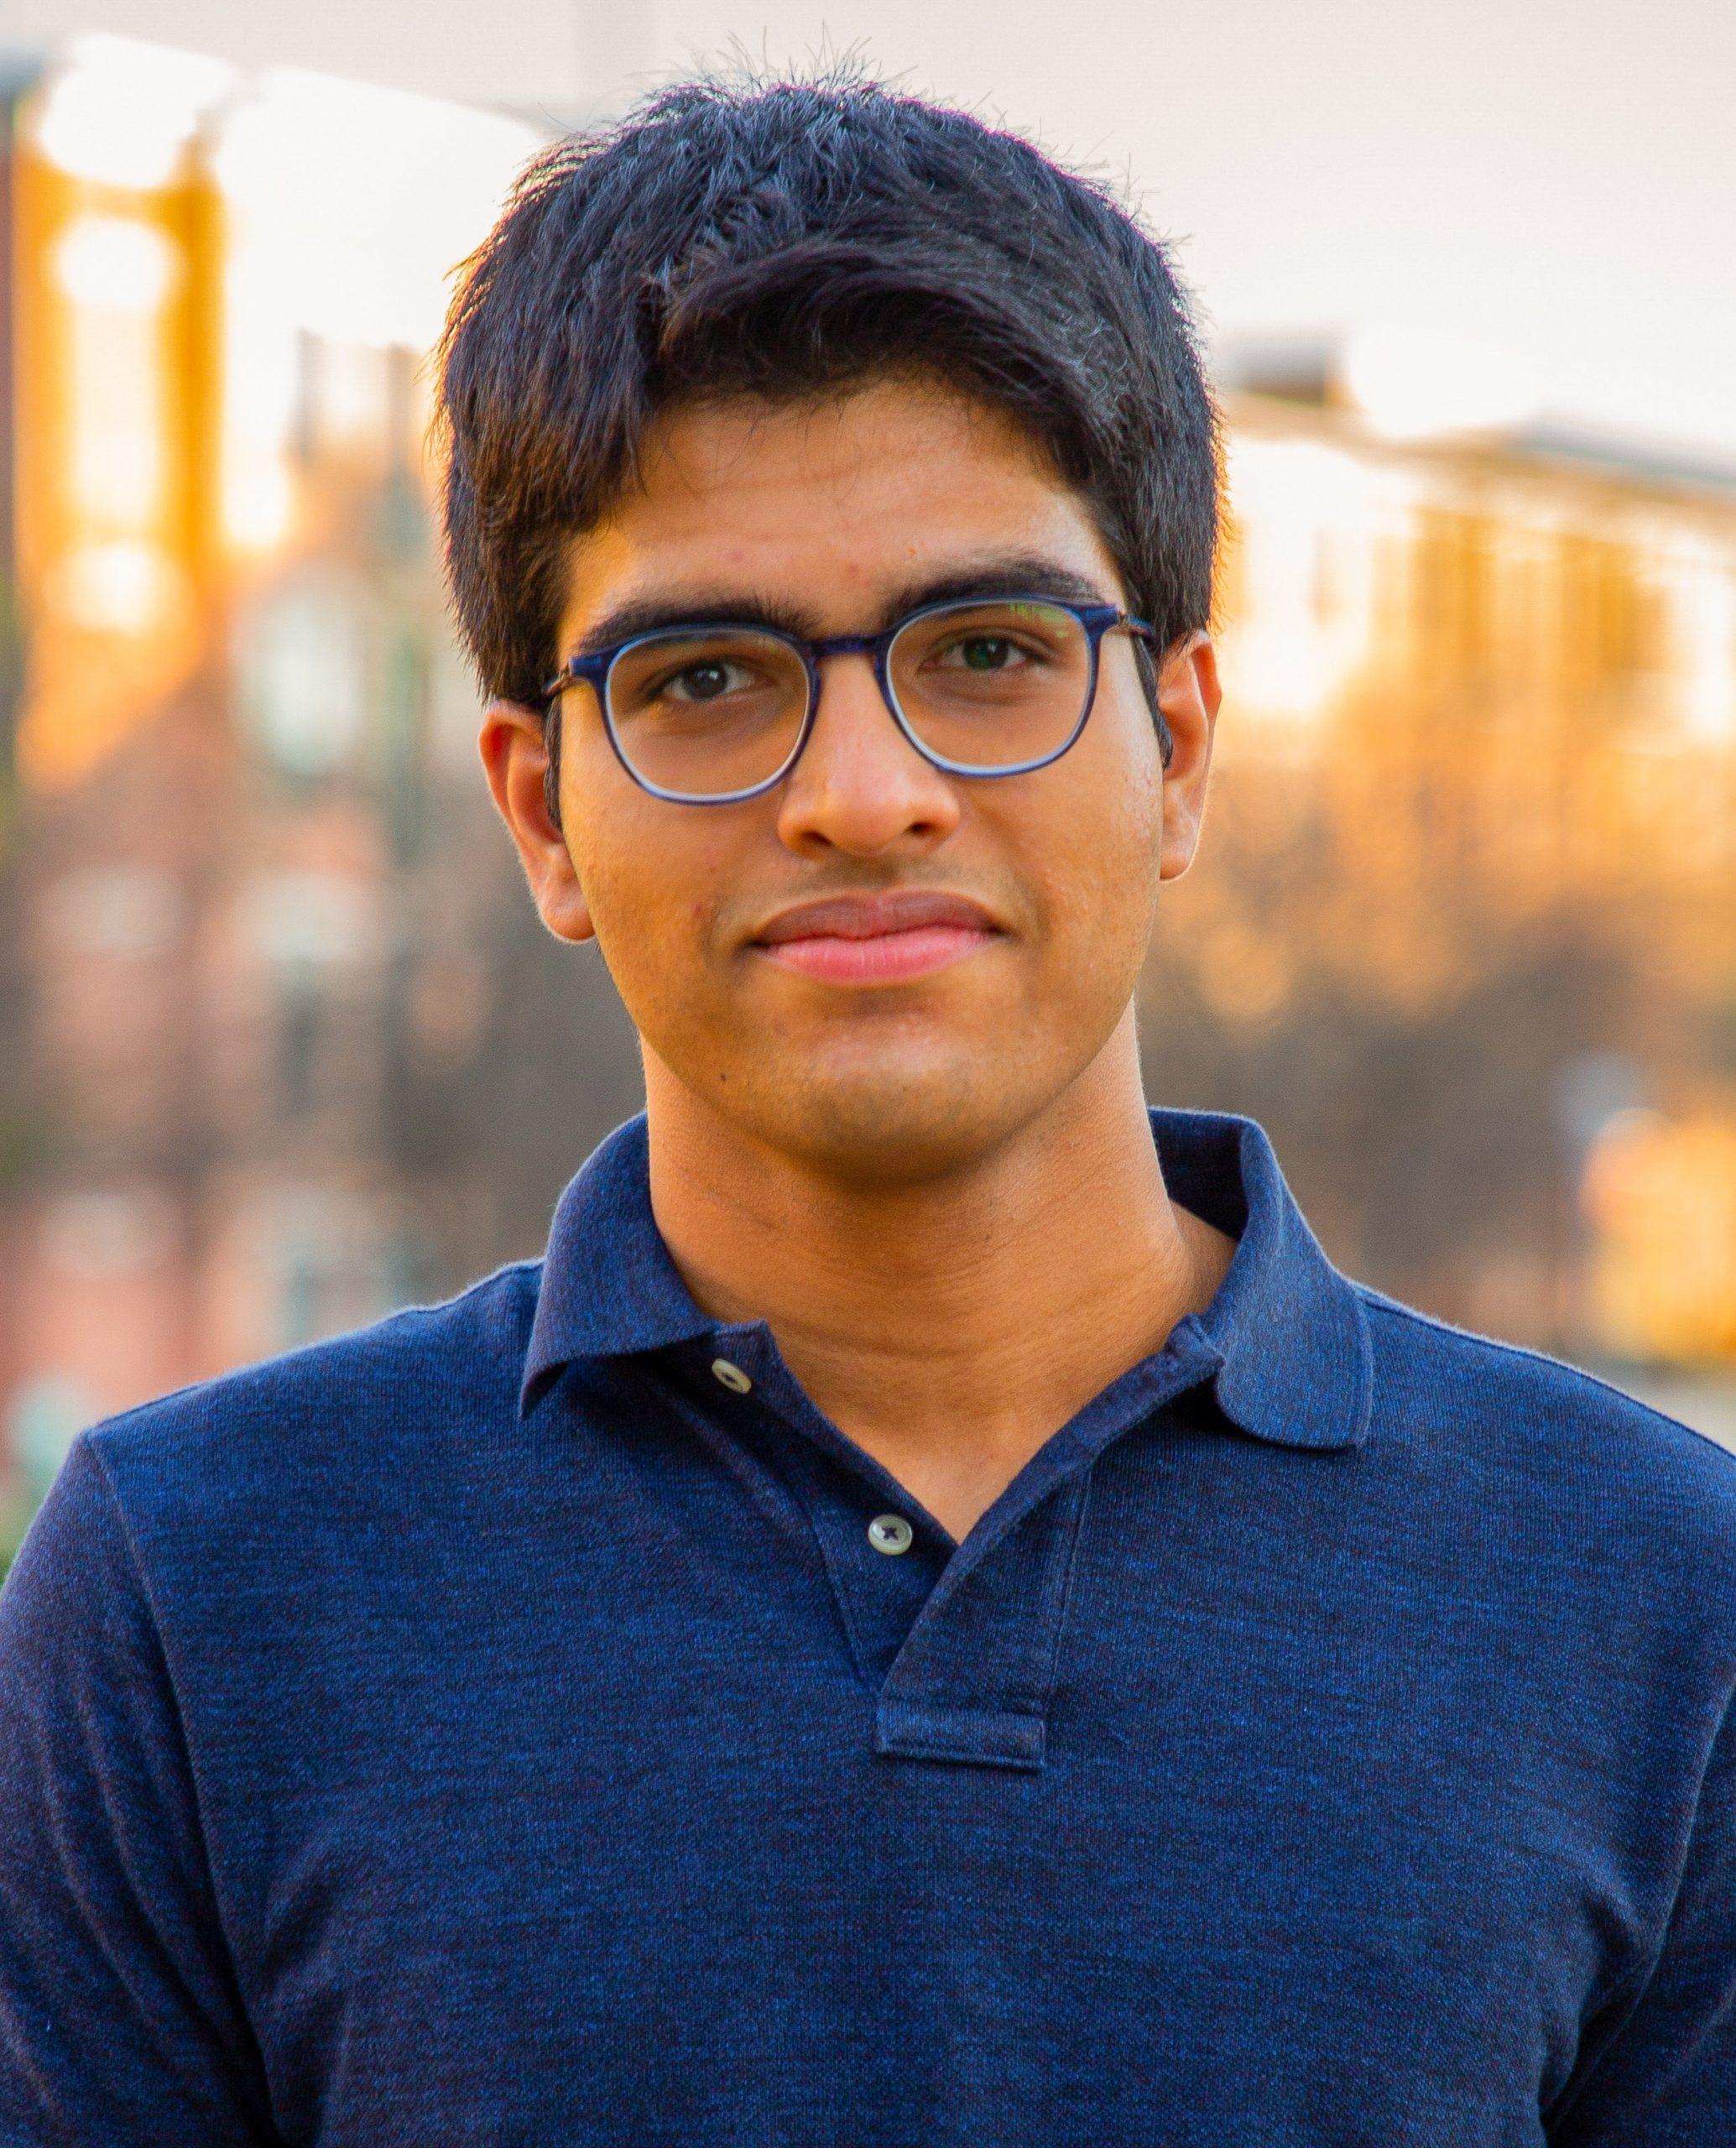 Ajit Ramamohan